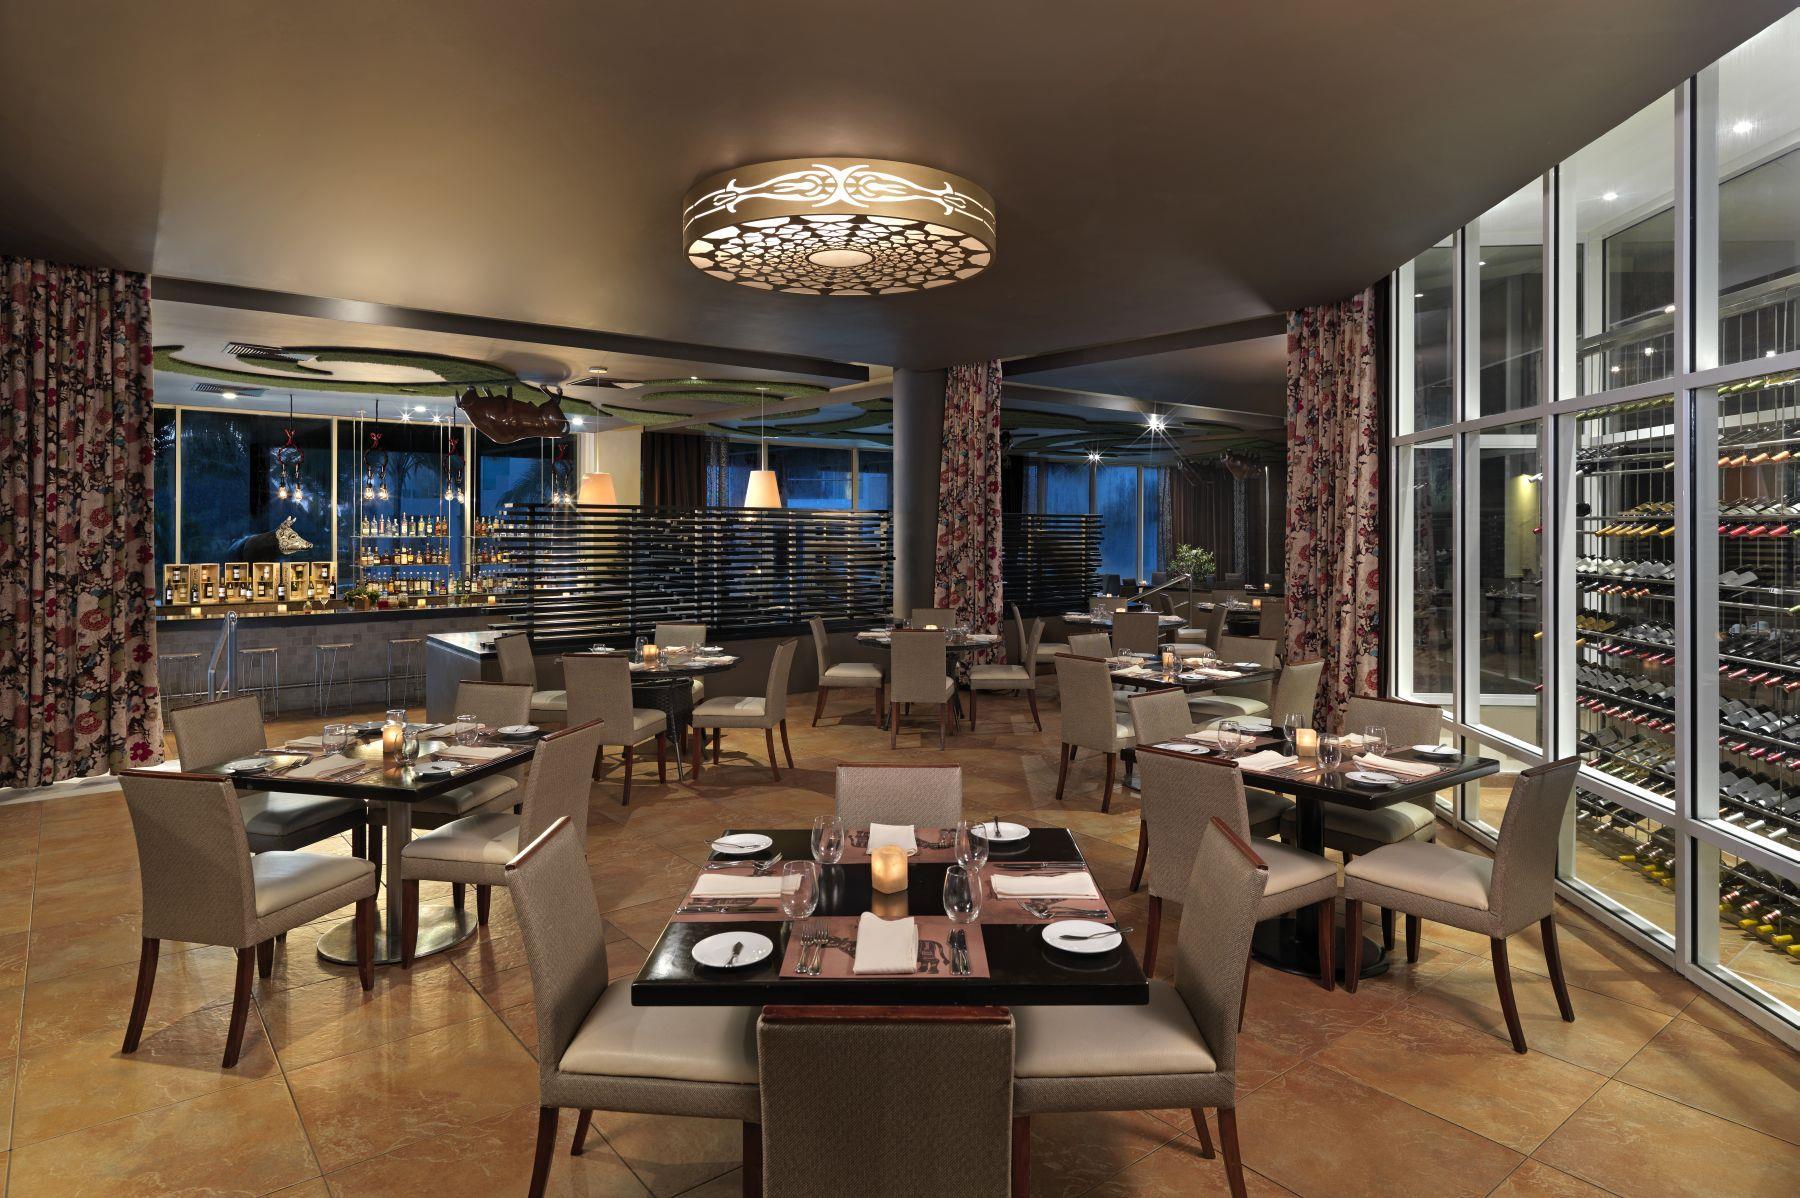 искушенным путешественникам двери многочисленных кафе баров казино круглосуточно